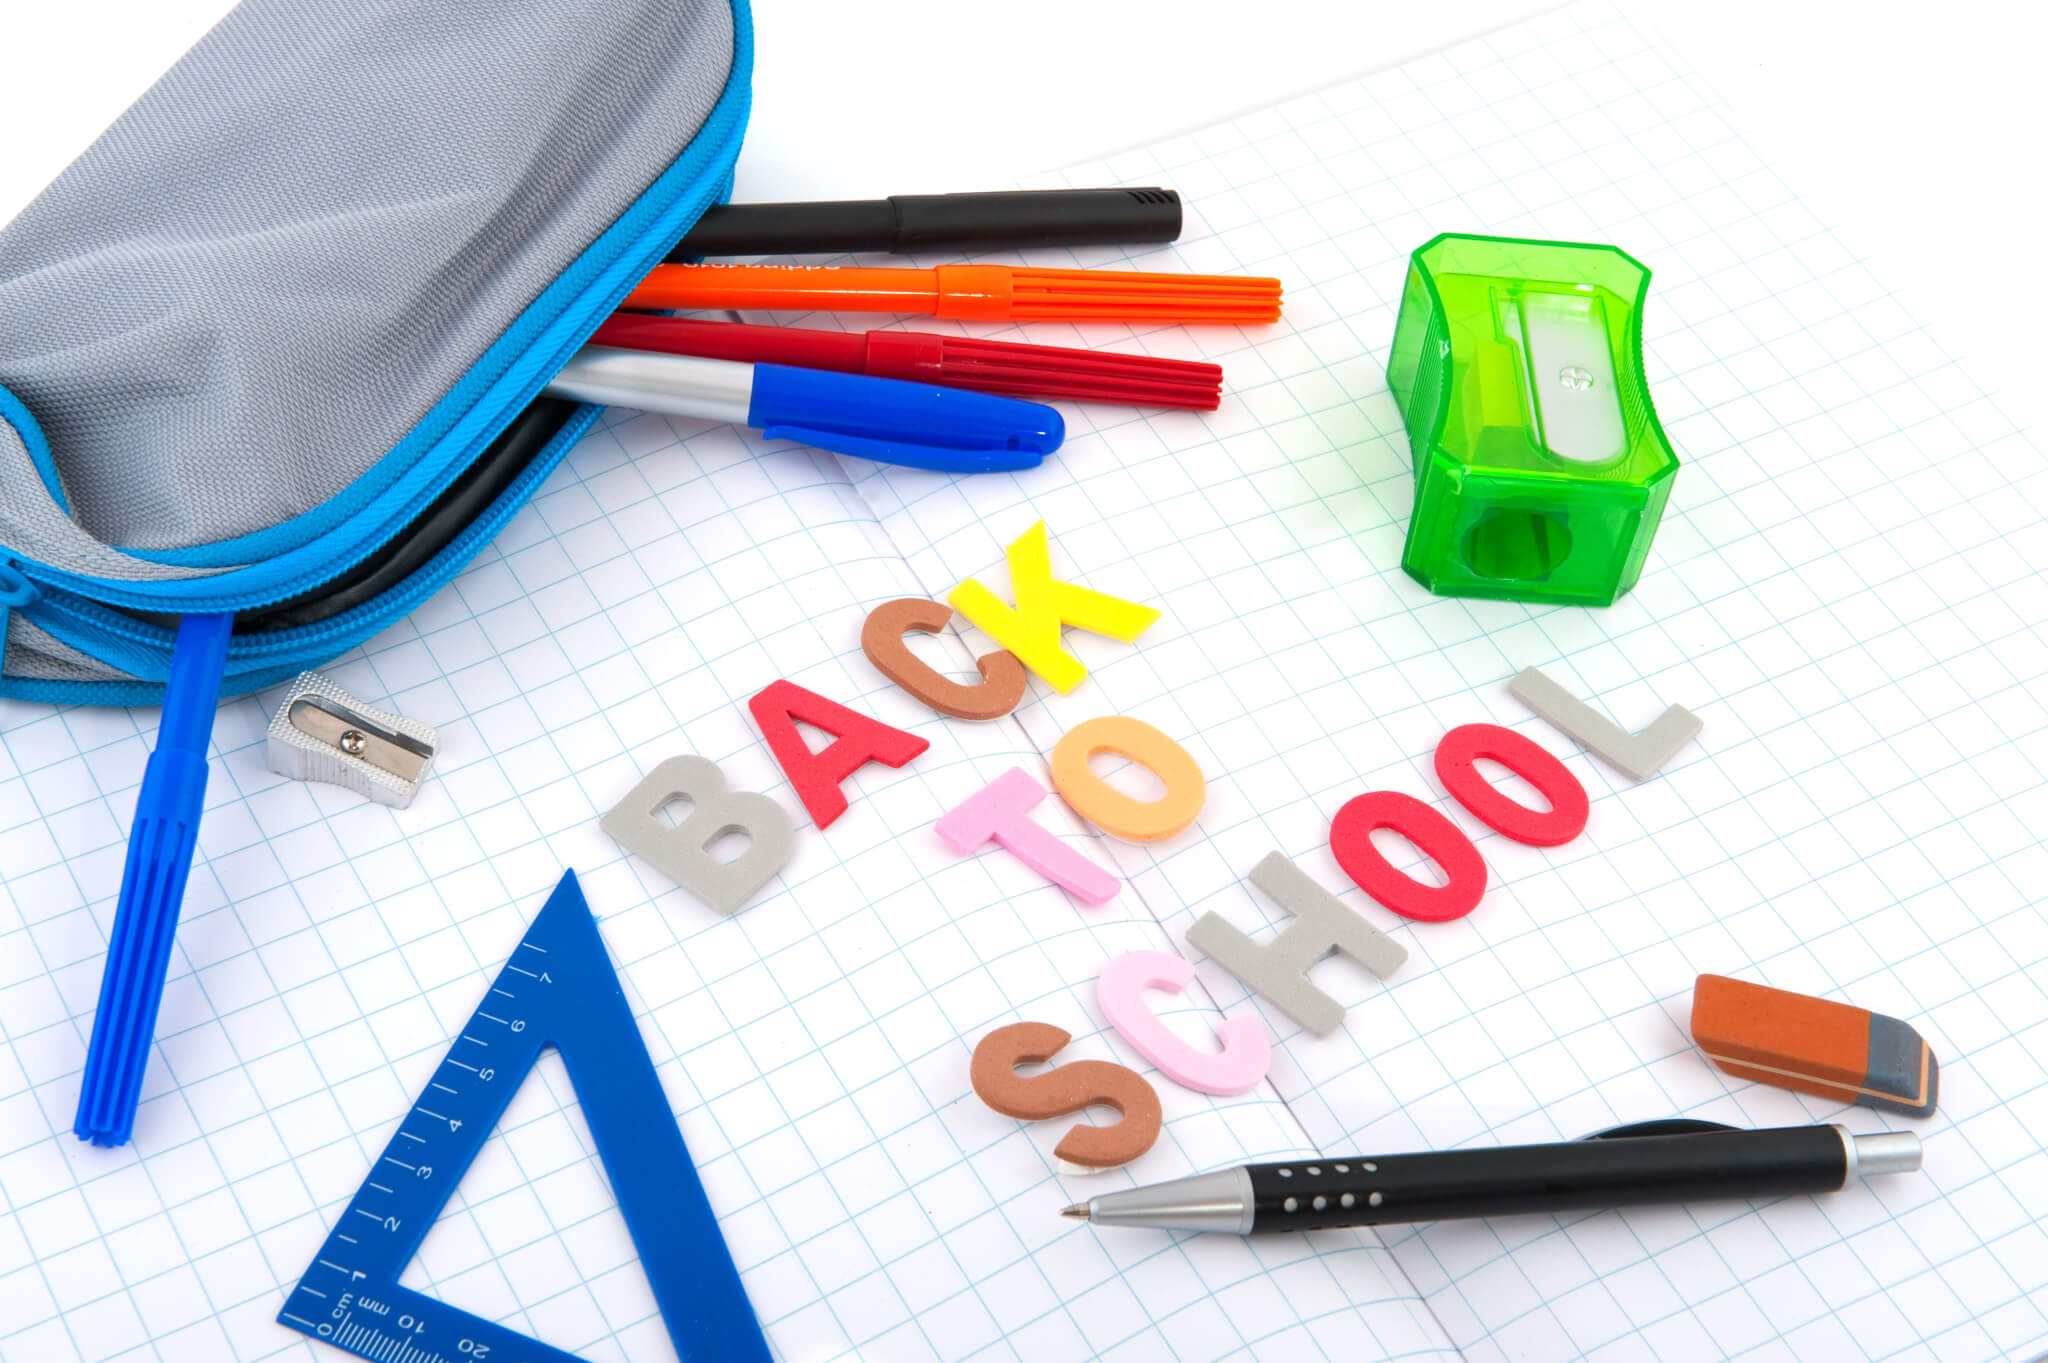 Estojo escolar personalizado: 9 razões para criar kits com o brinde